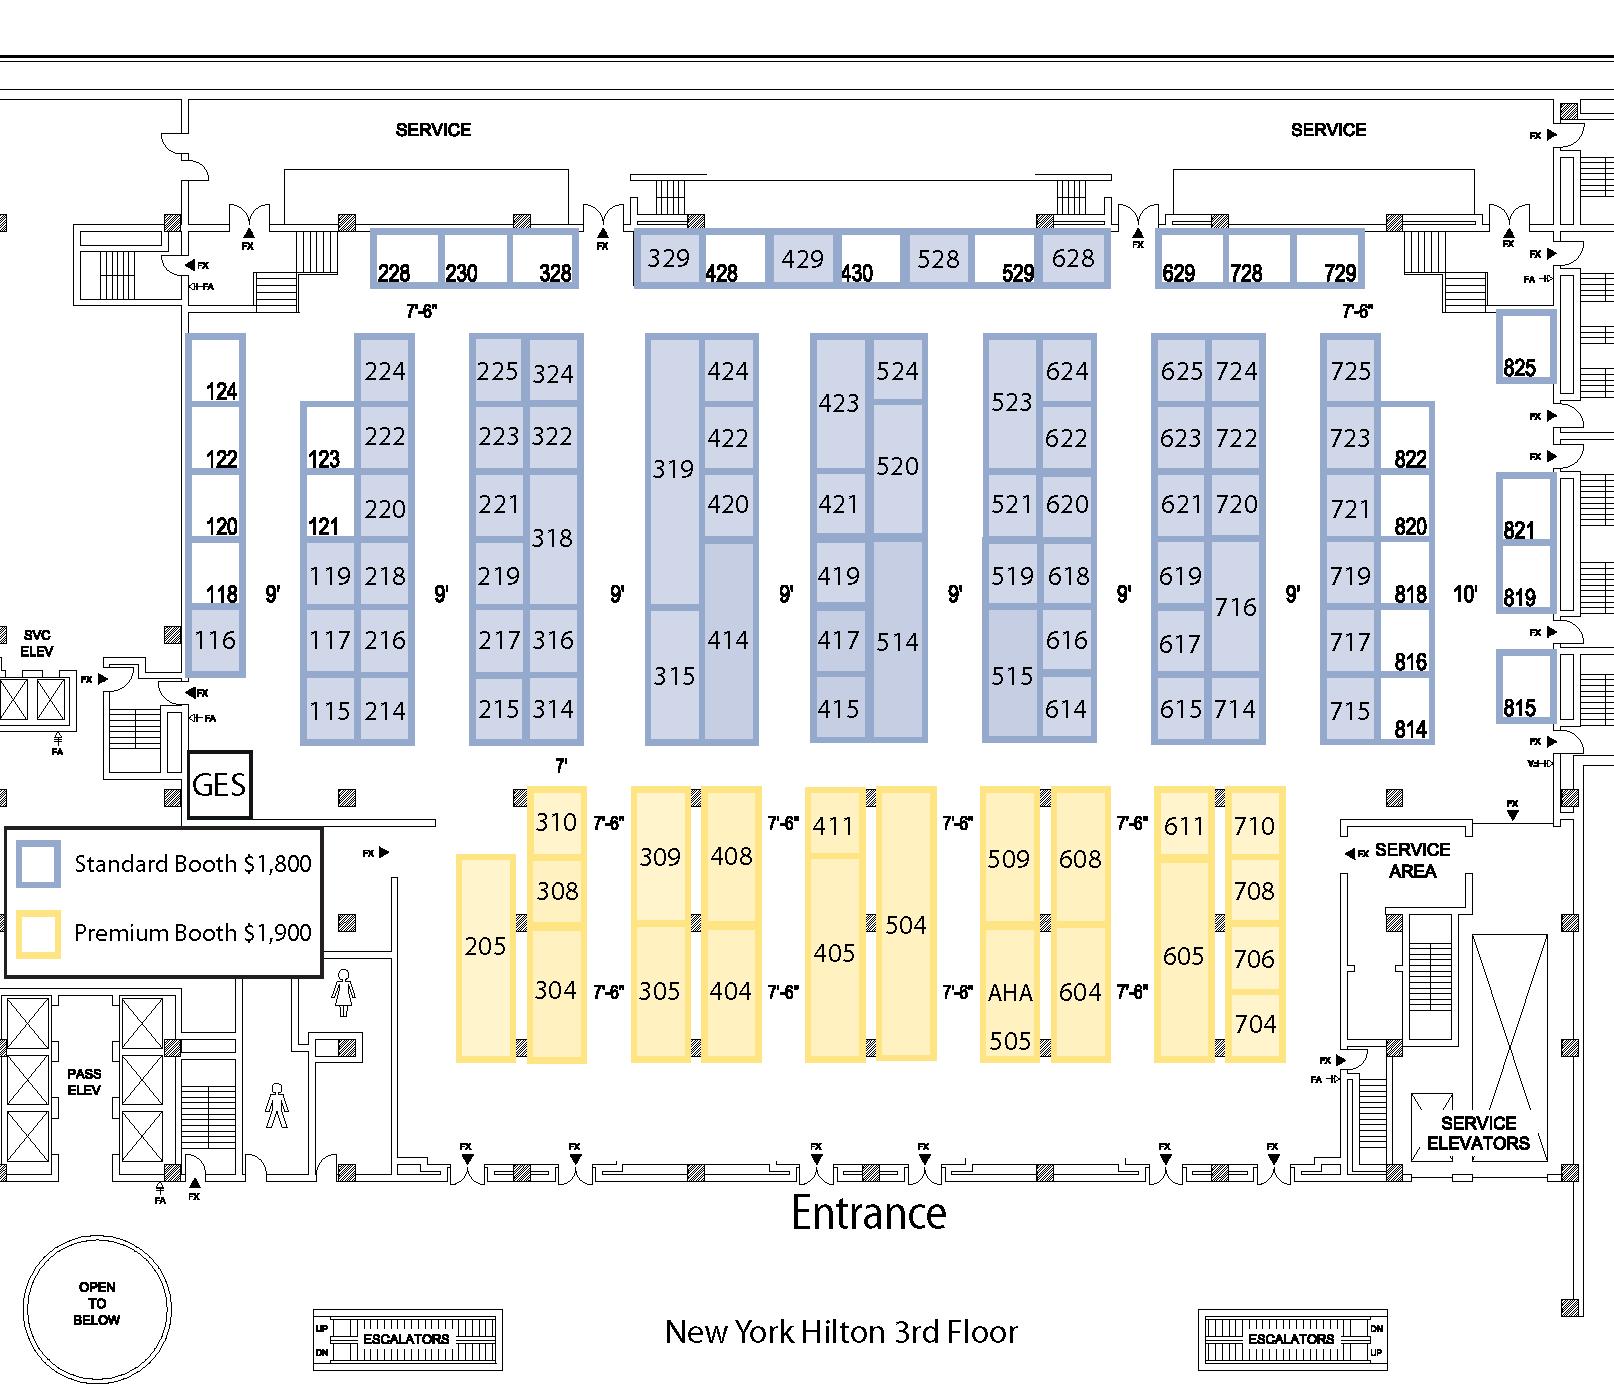 Exhibition Booth Floor Plan : Exhibit hall floor plan aha